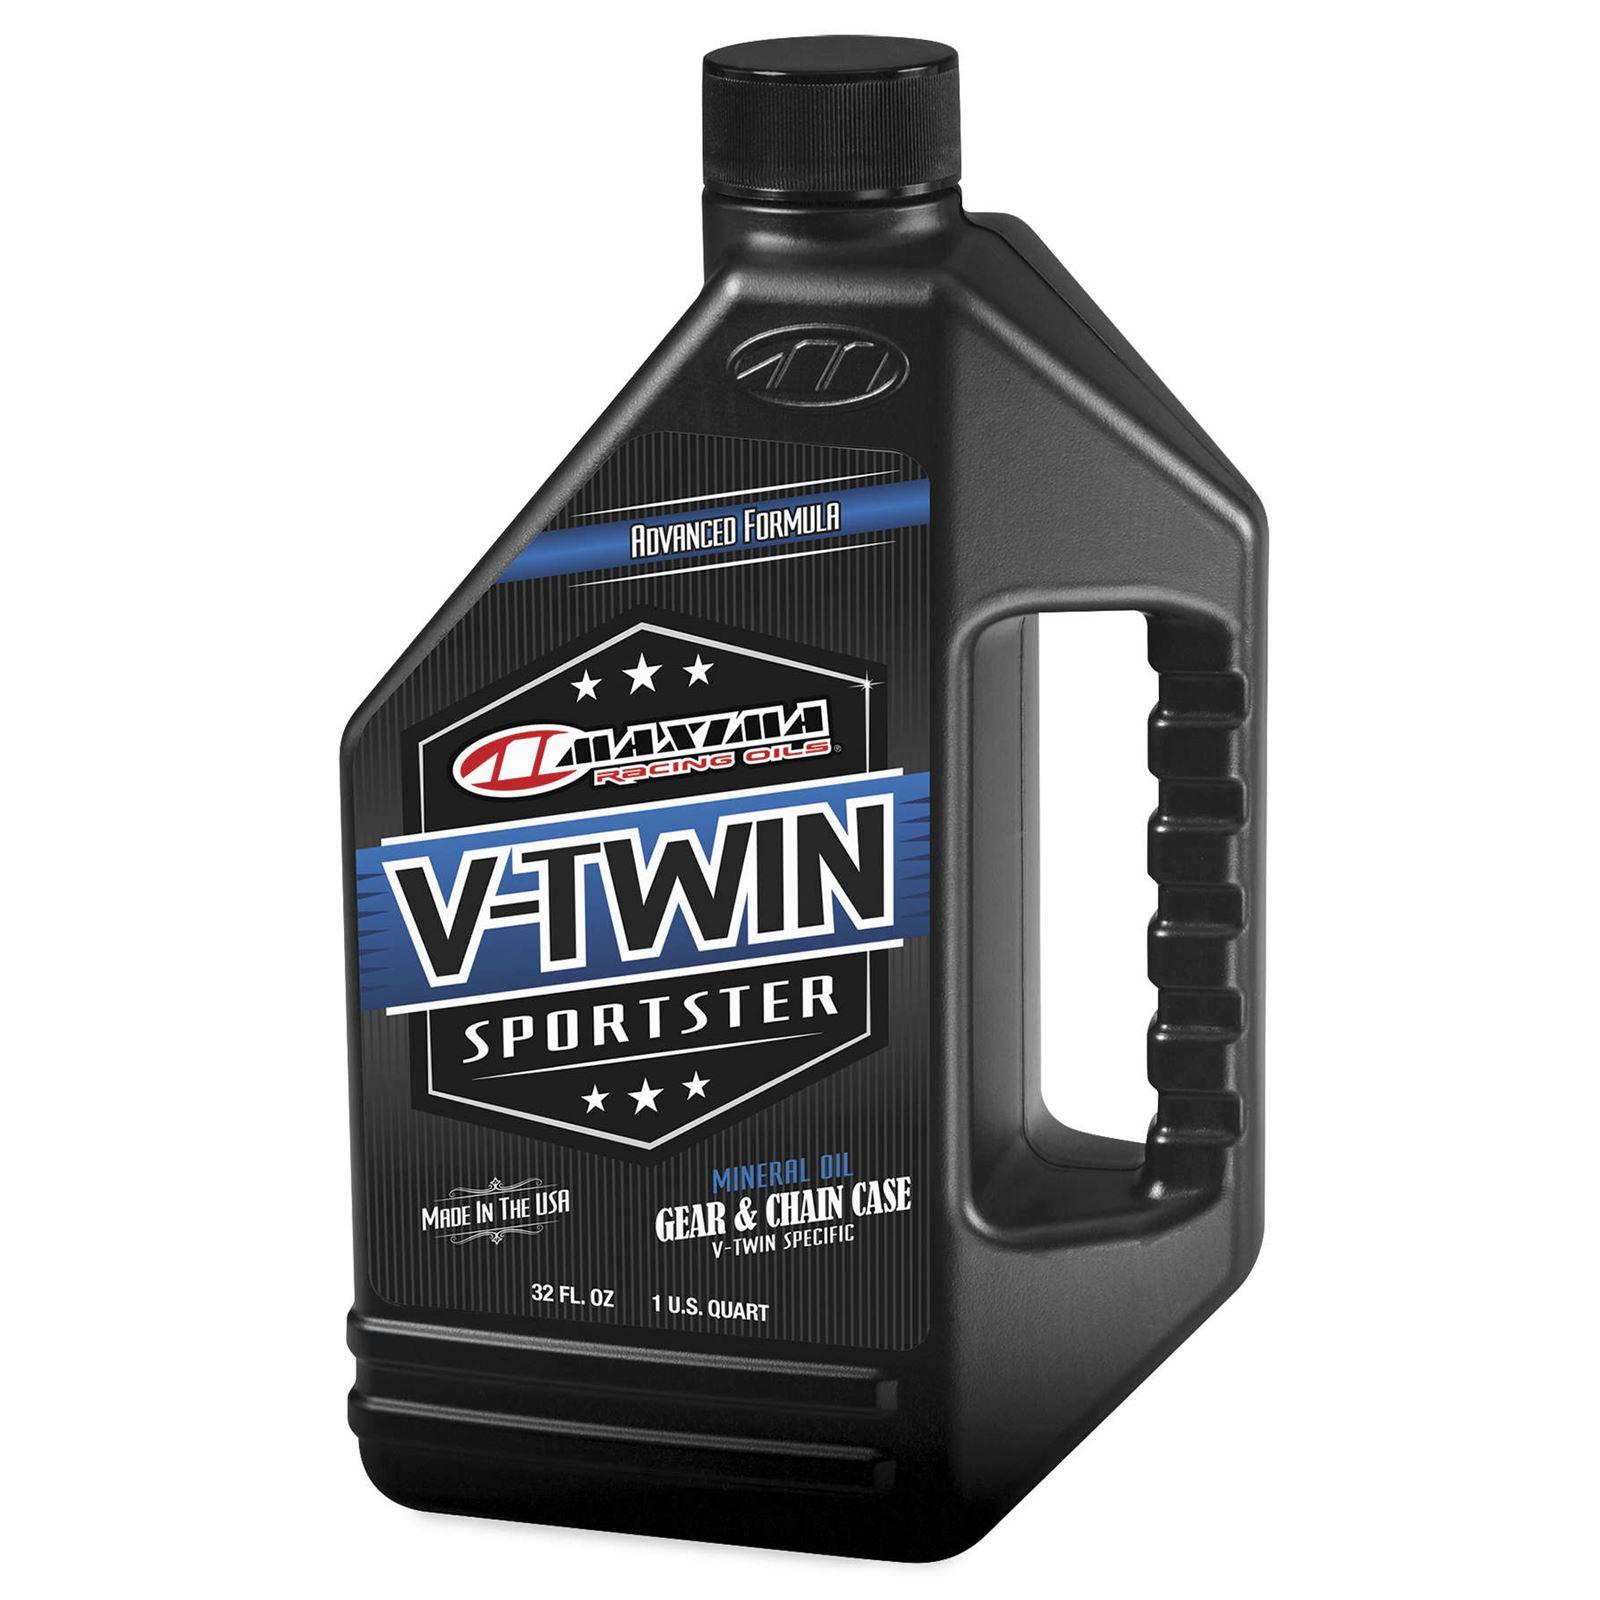 Maxima Sportster Gear & Chain Case Oil